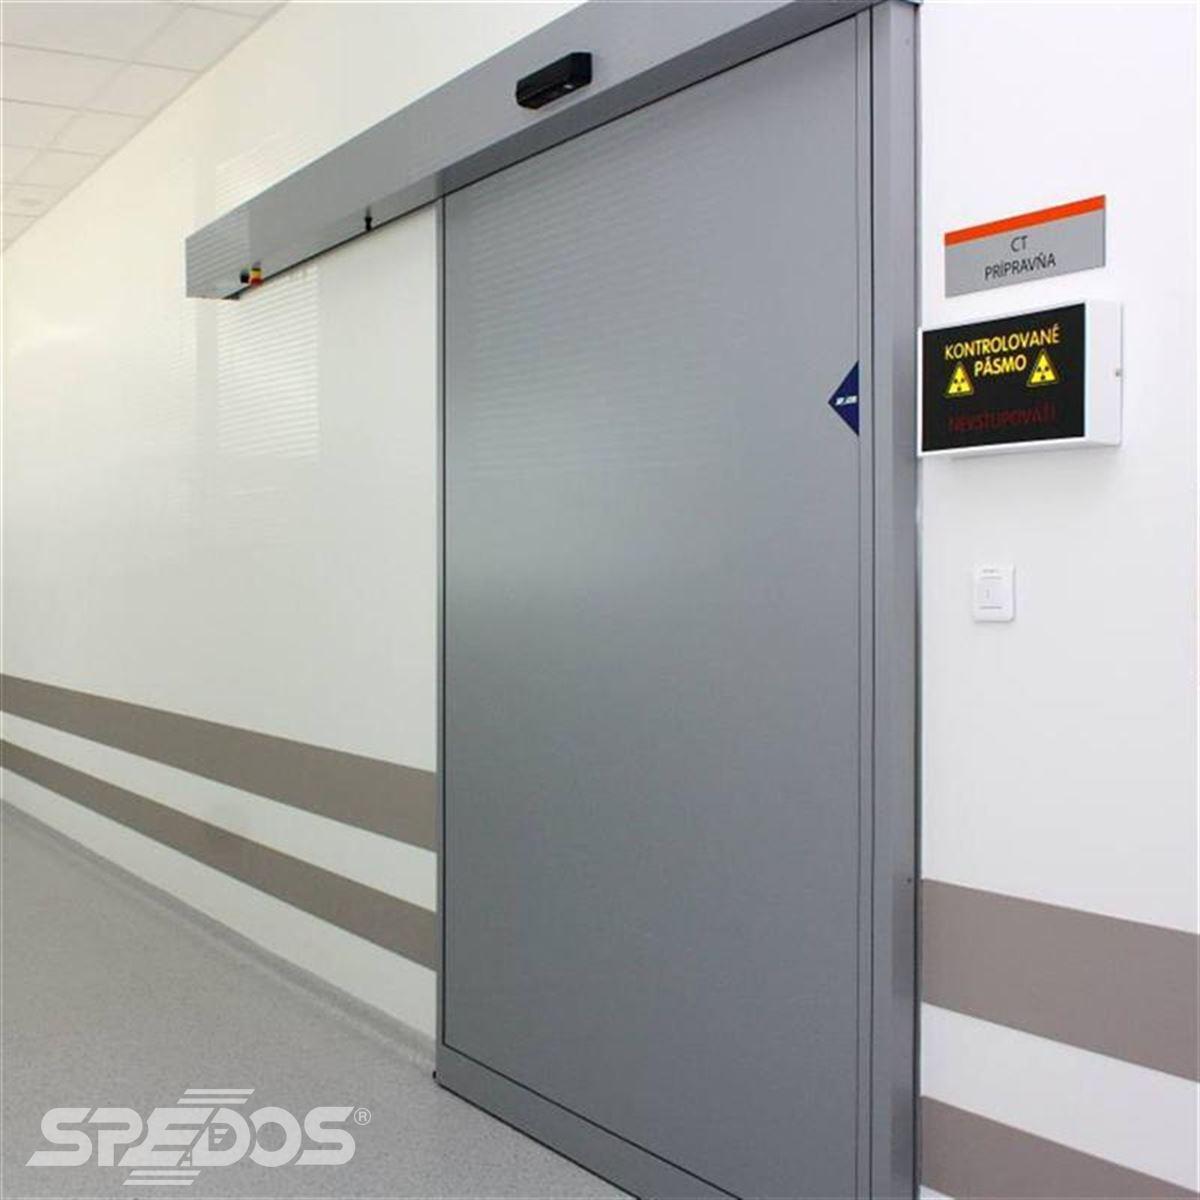 Jednokřídlé automatické posuvné dveře pro nemocnici sv. Michala 2